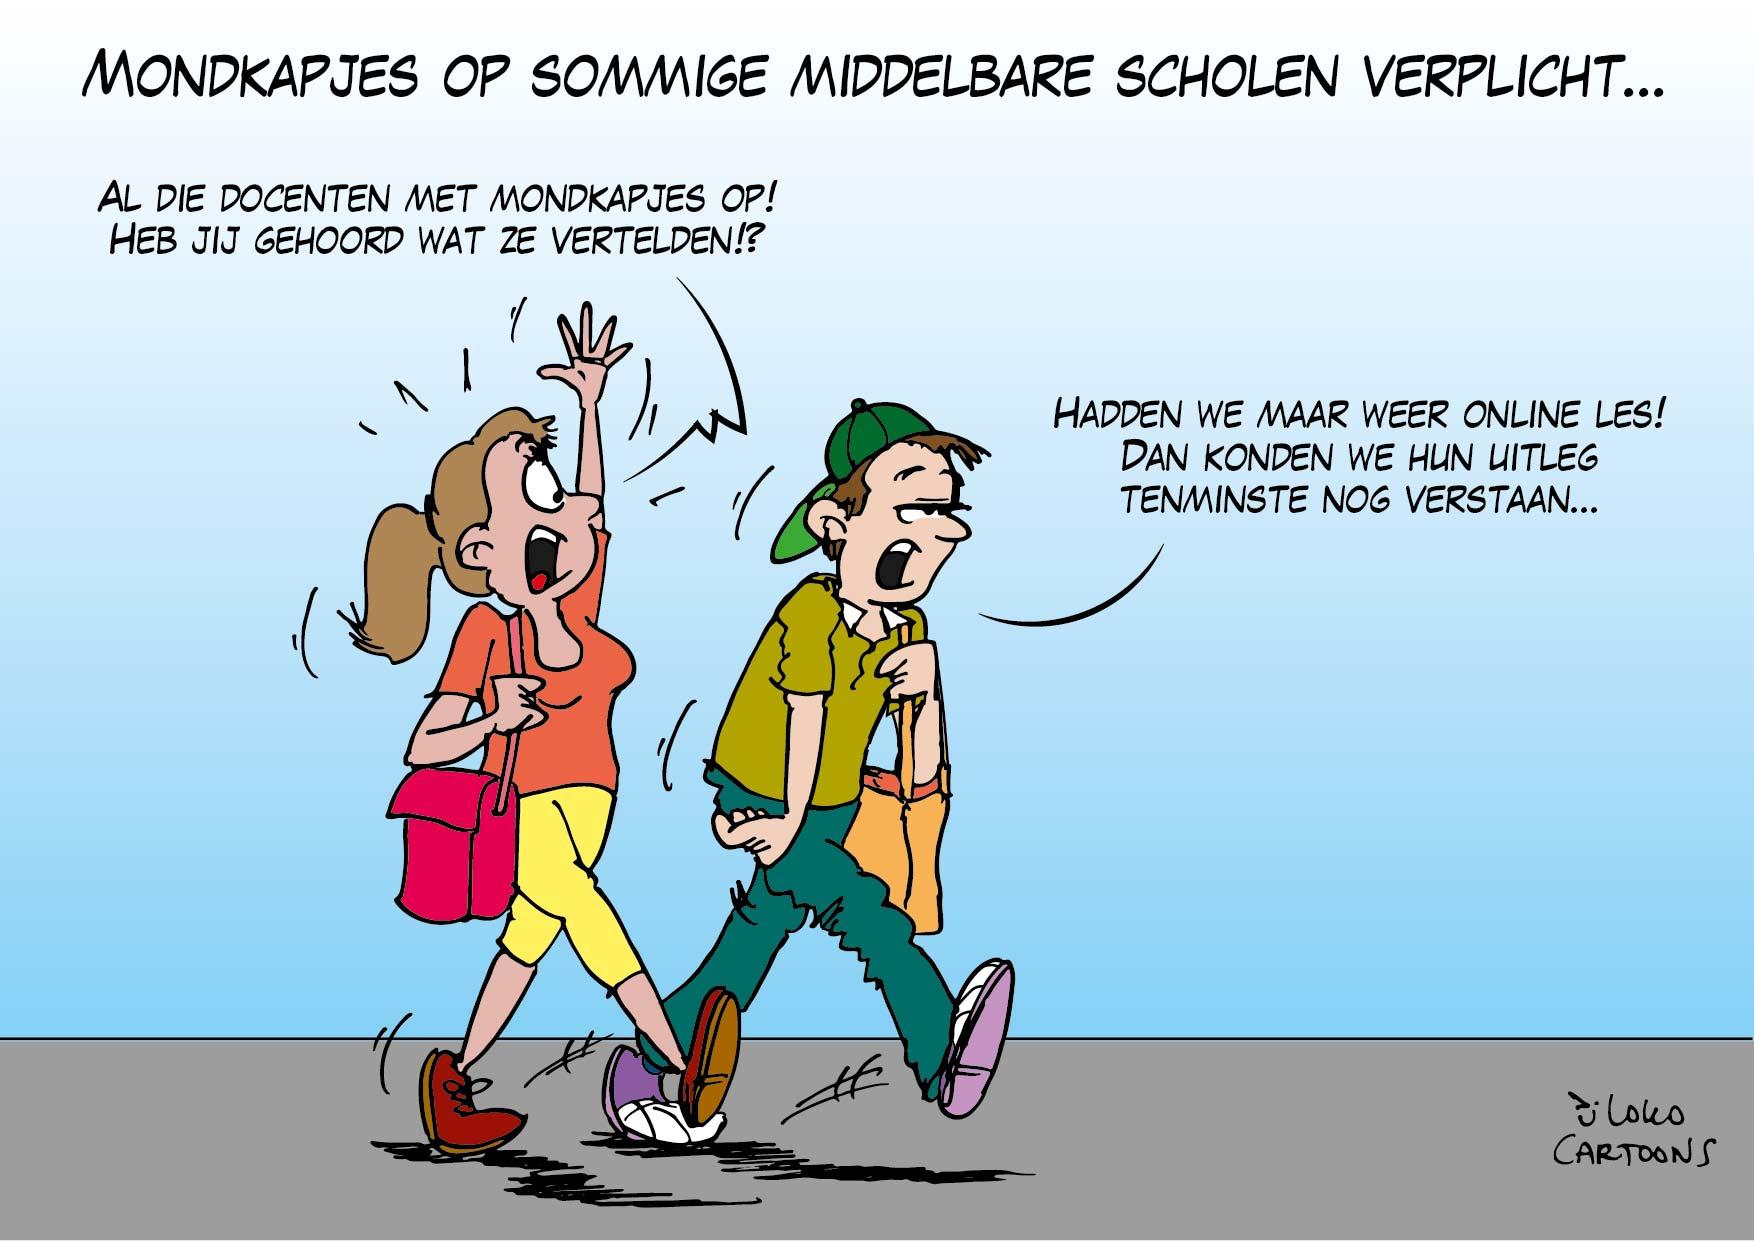 Mondkapjes op sommige middelbare scholen verplicht…